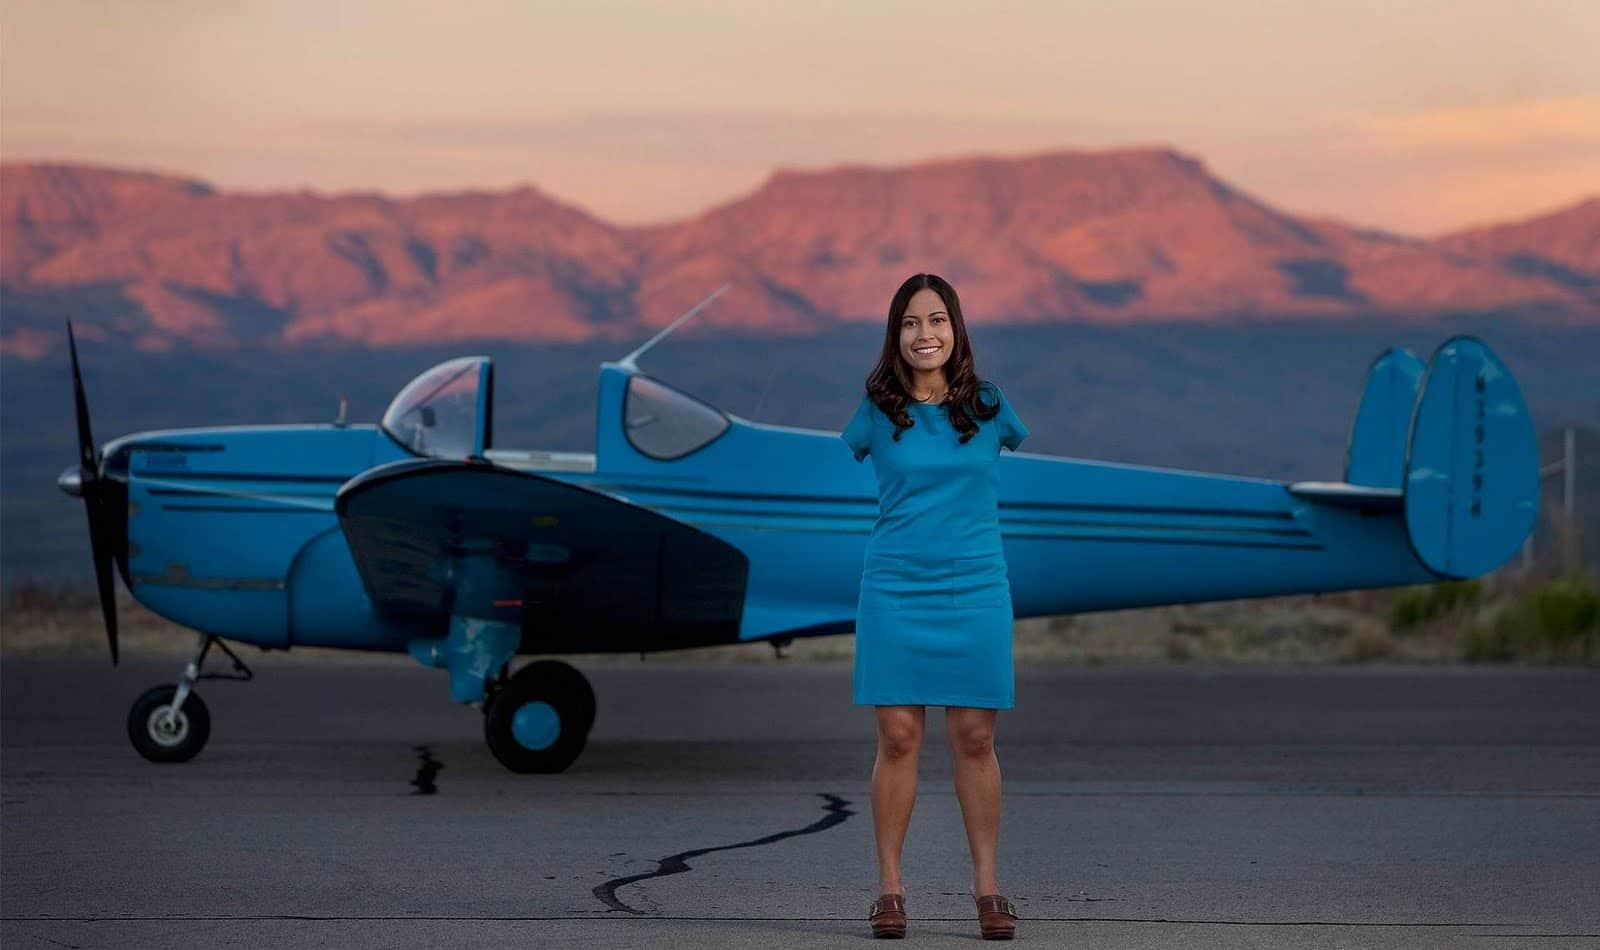 Conheça Jessica Cox, a primeira pilota sem braços 1